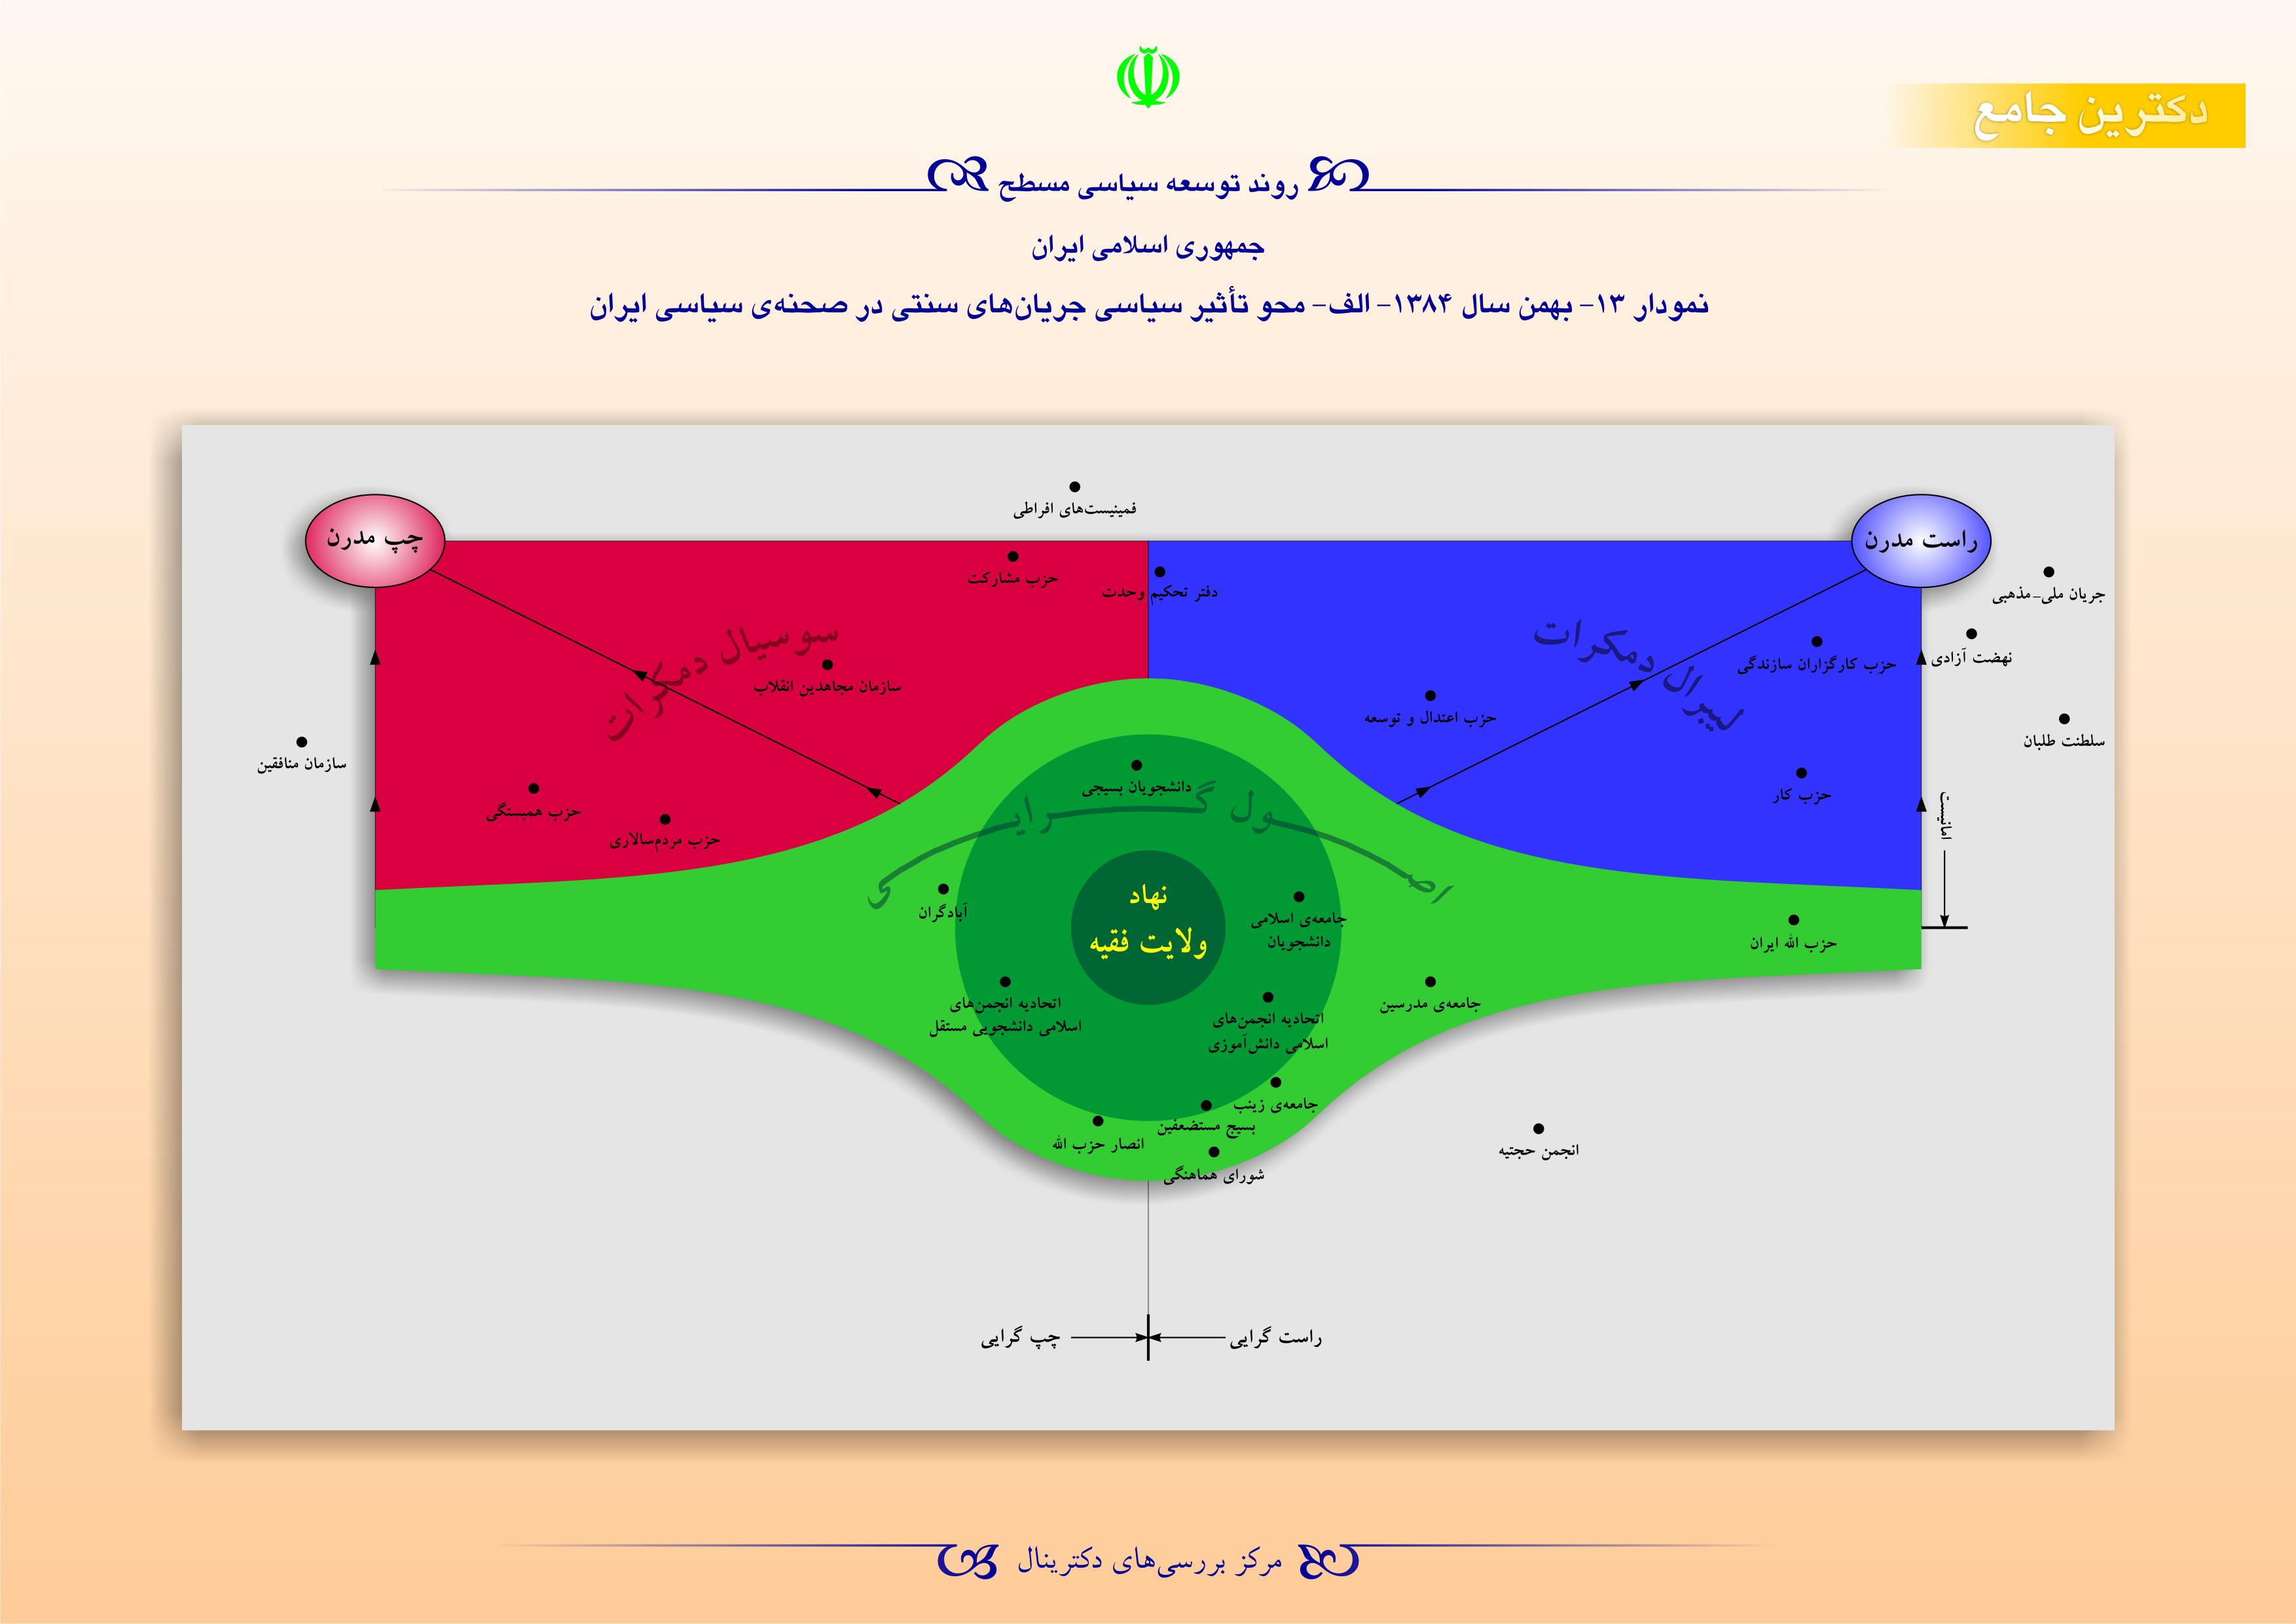 روند توسعه سیاسی مسطح جمهوری اسلامی ایران - بهمن سال 1384